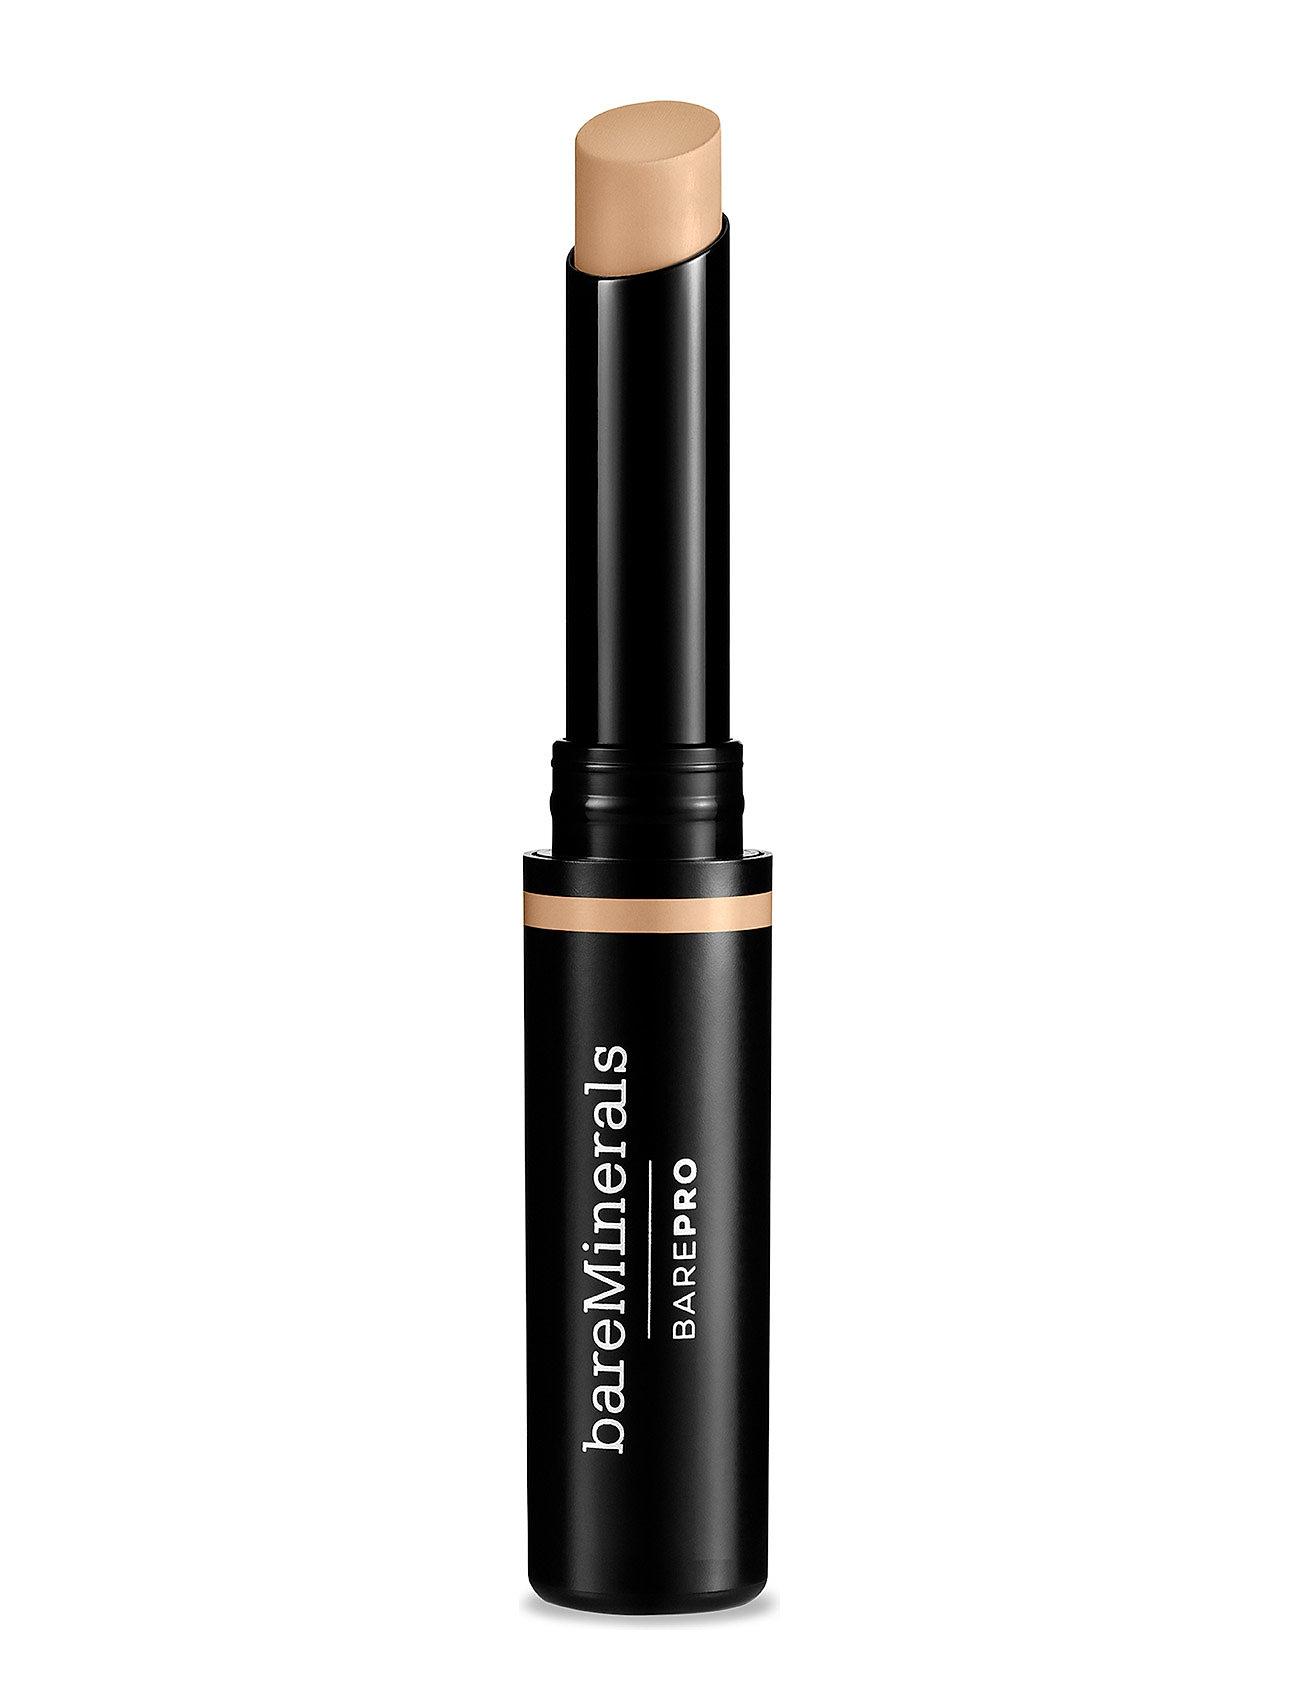 Image of Barepro 16-Hour Full Coverage Concealer Concealer Makeup BareMinerals (3406150285)